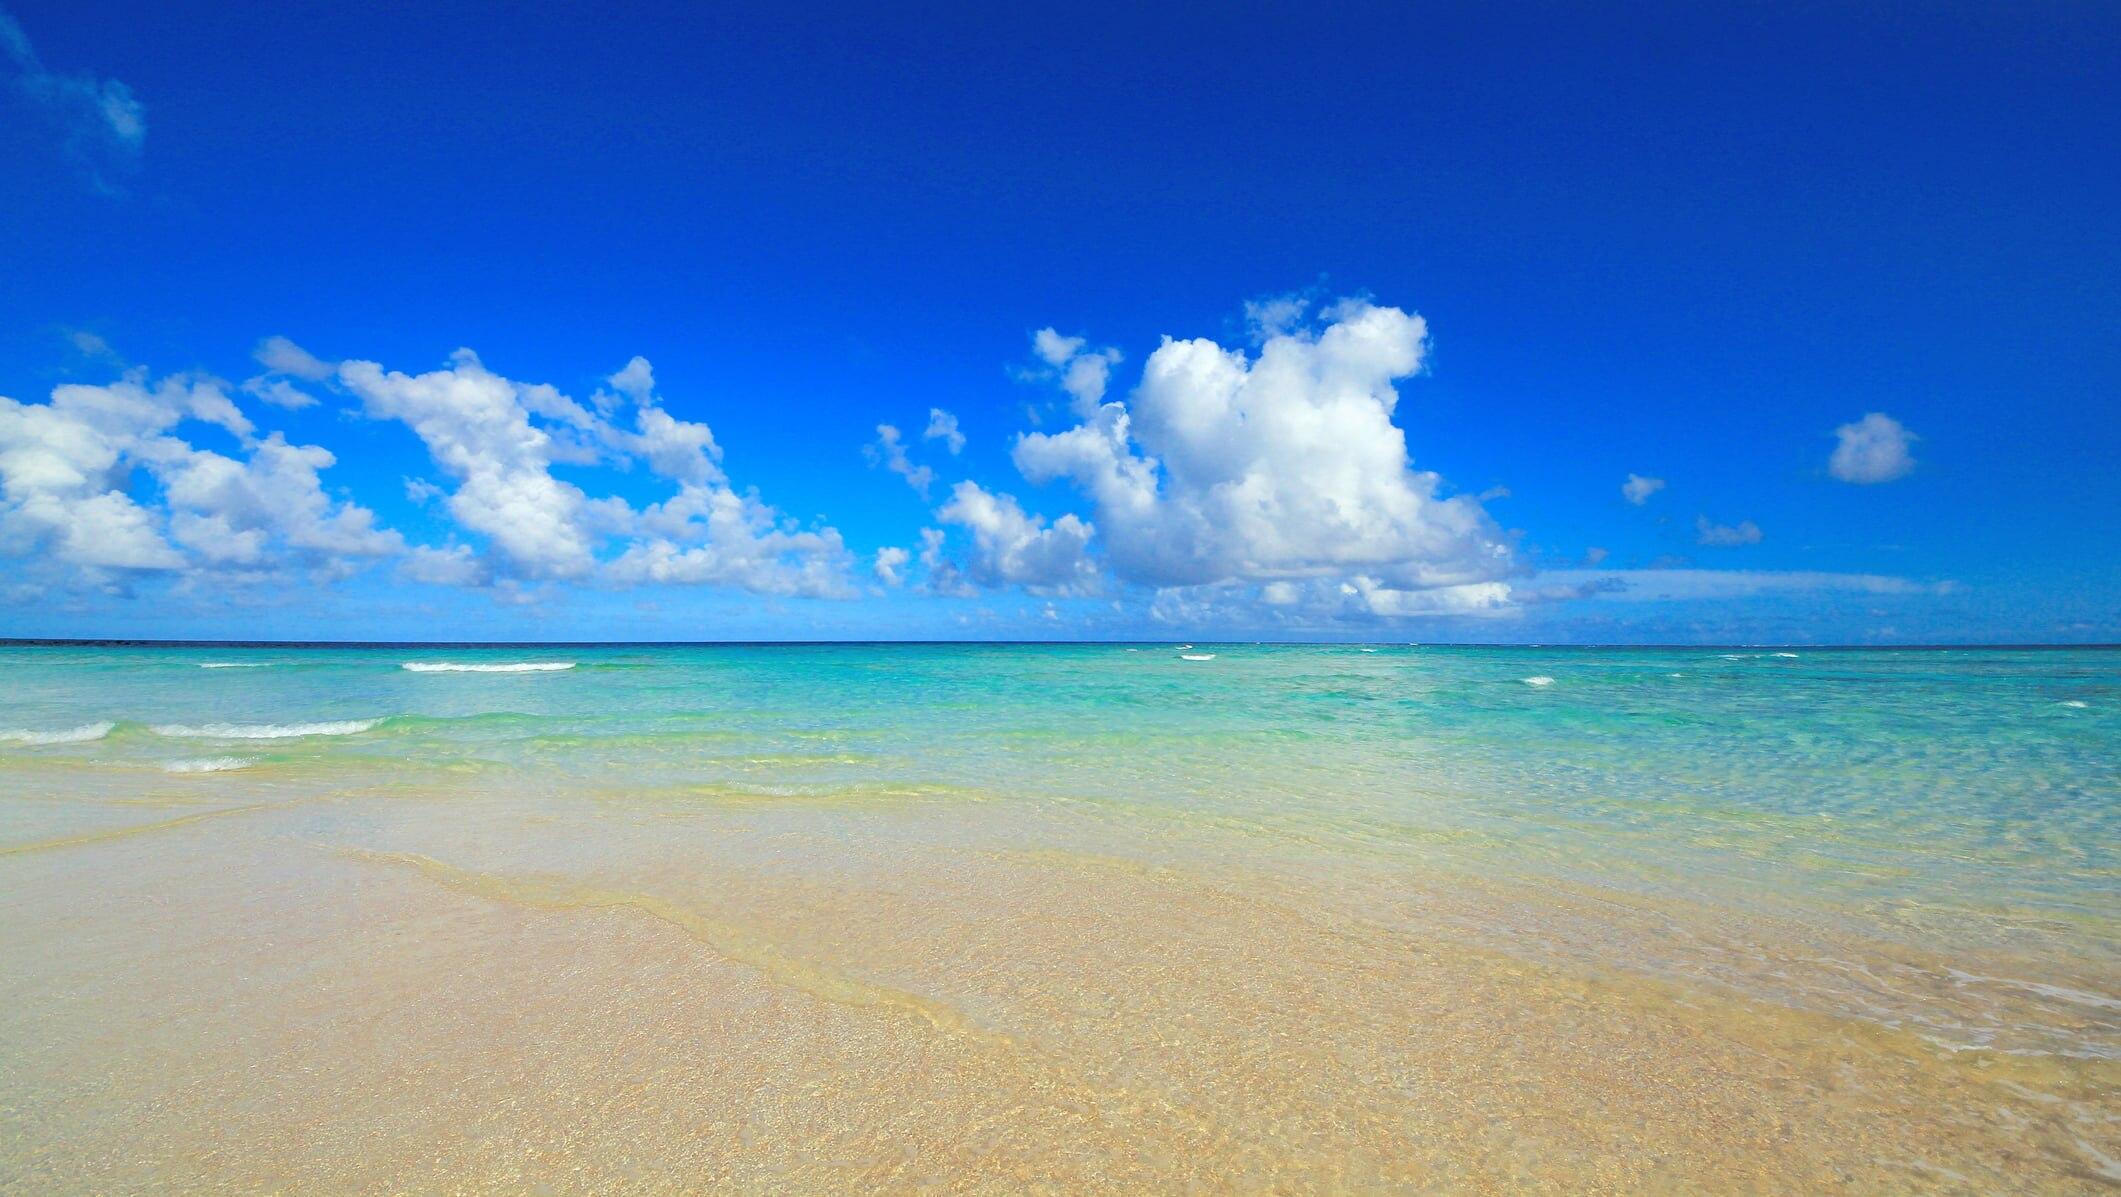 与論島を満喫する観光スポット15選!エメラルドグリーンの海に癒される旅